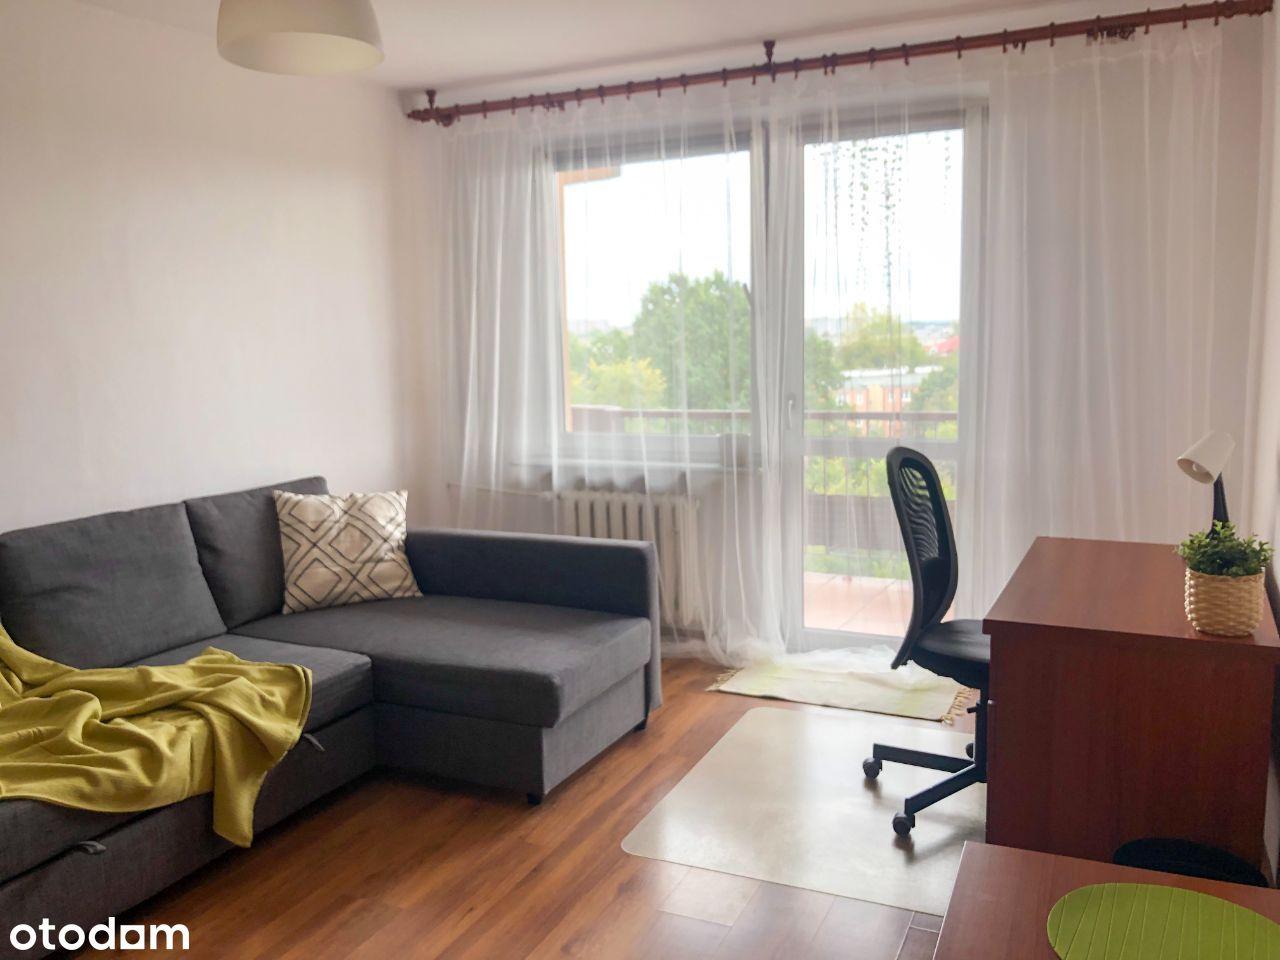 Pokój z balkonem | Wszystkie opłaty w cenie